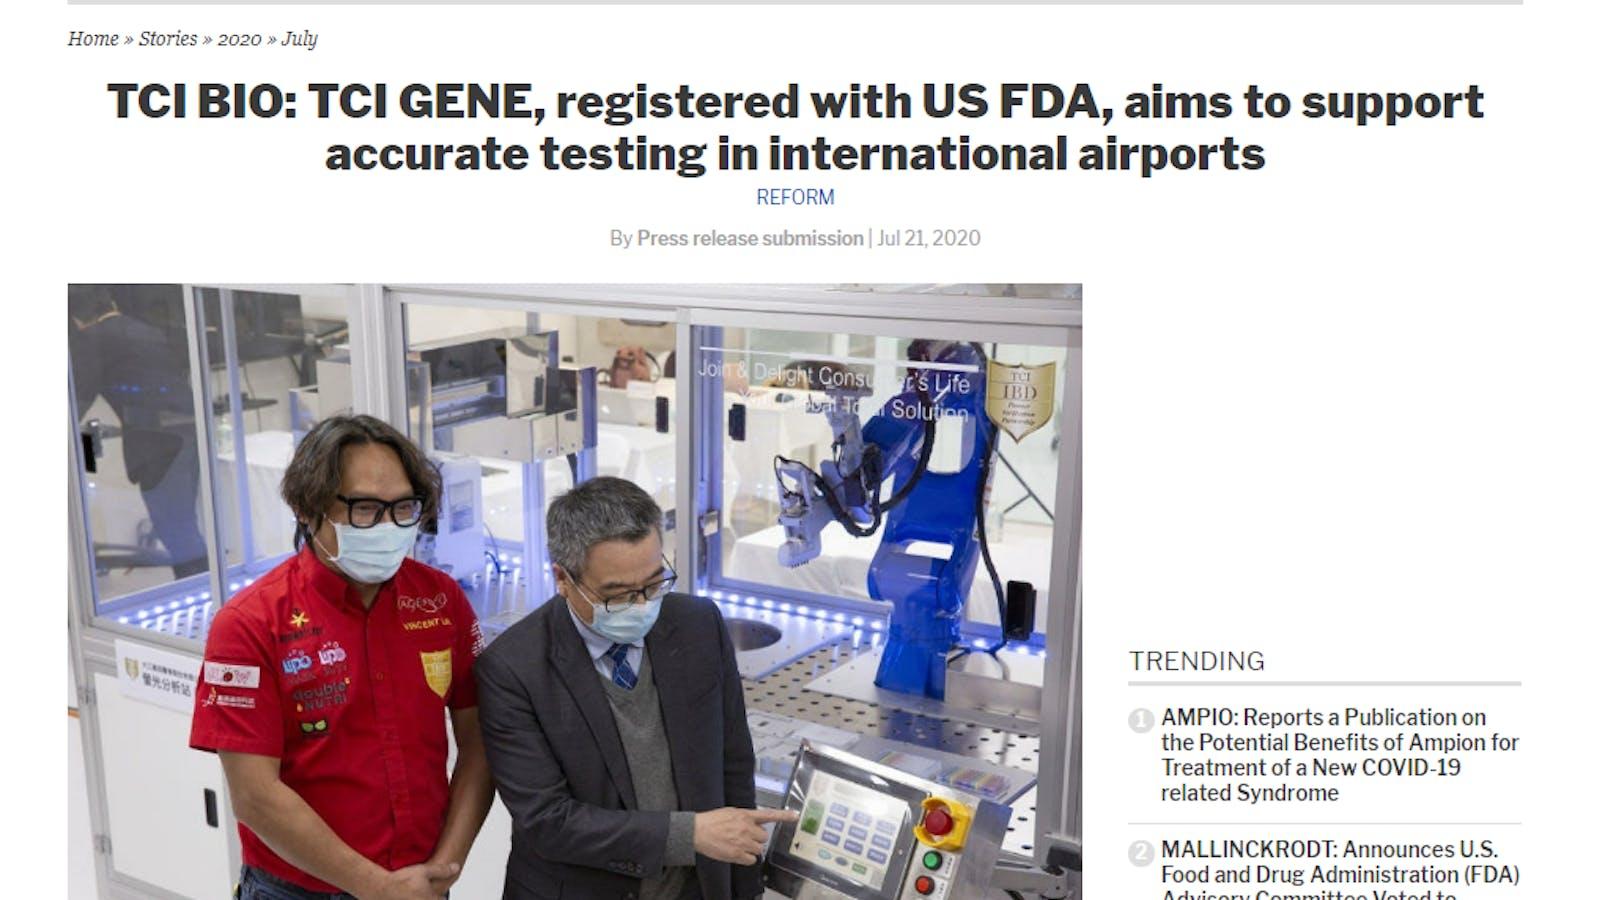 大江生醫 QVS-96全自動整合檢測系統獲美 FDA 認證,搶攻國際機場防疫商機